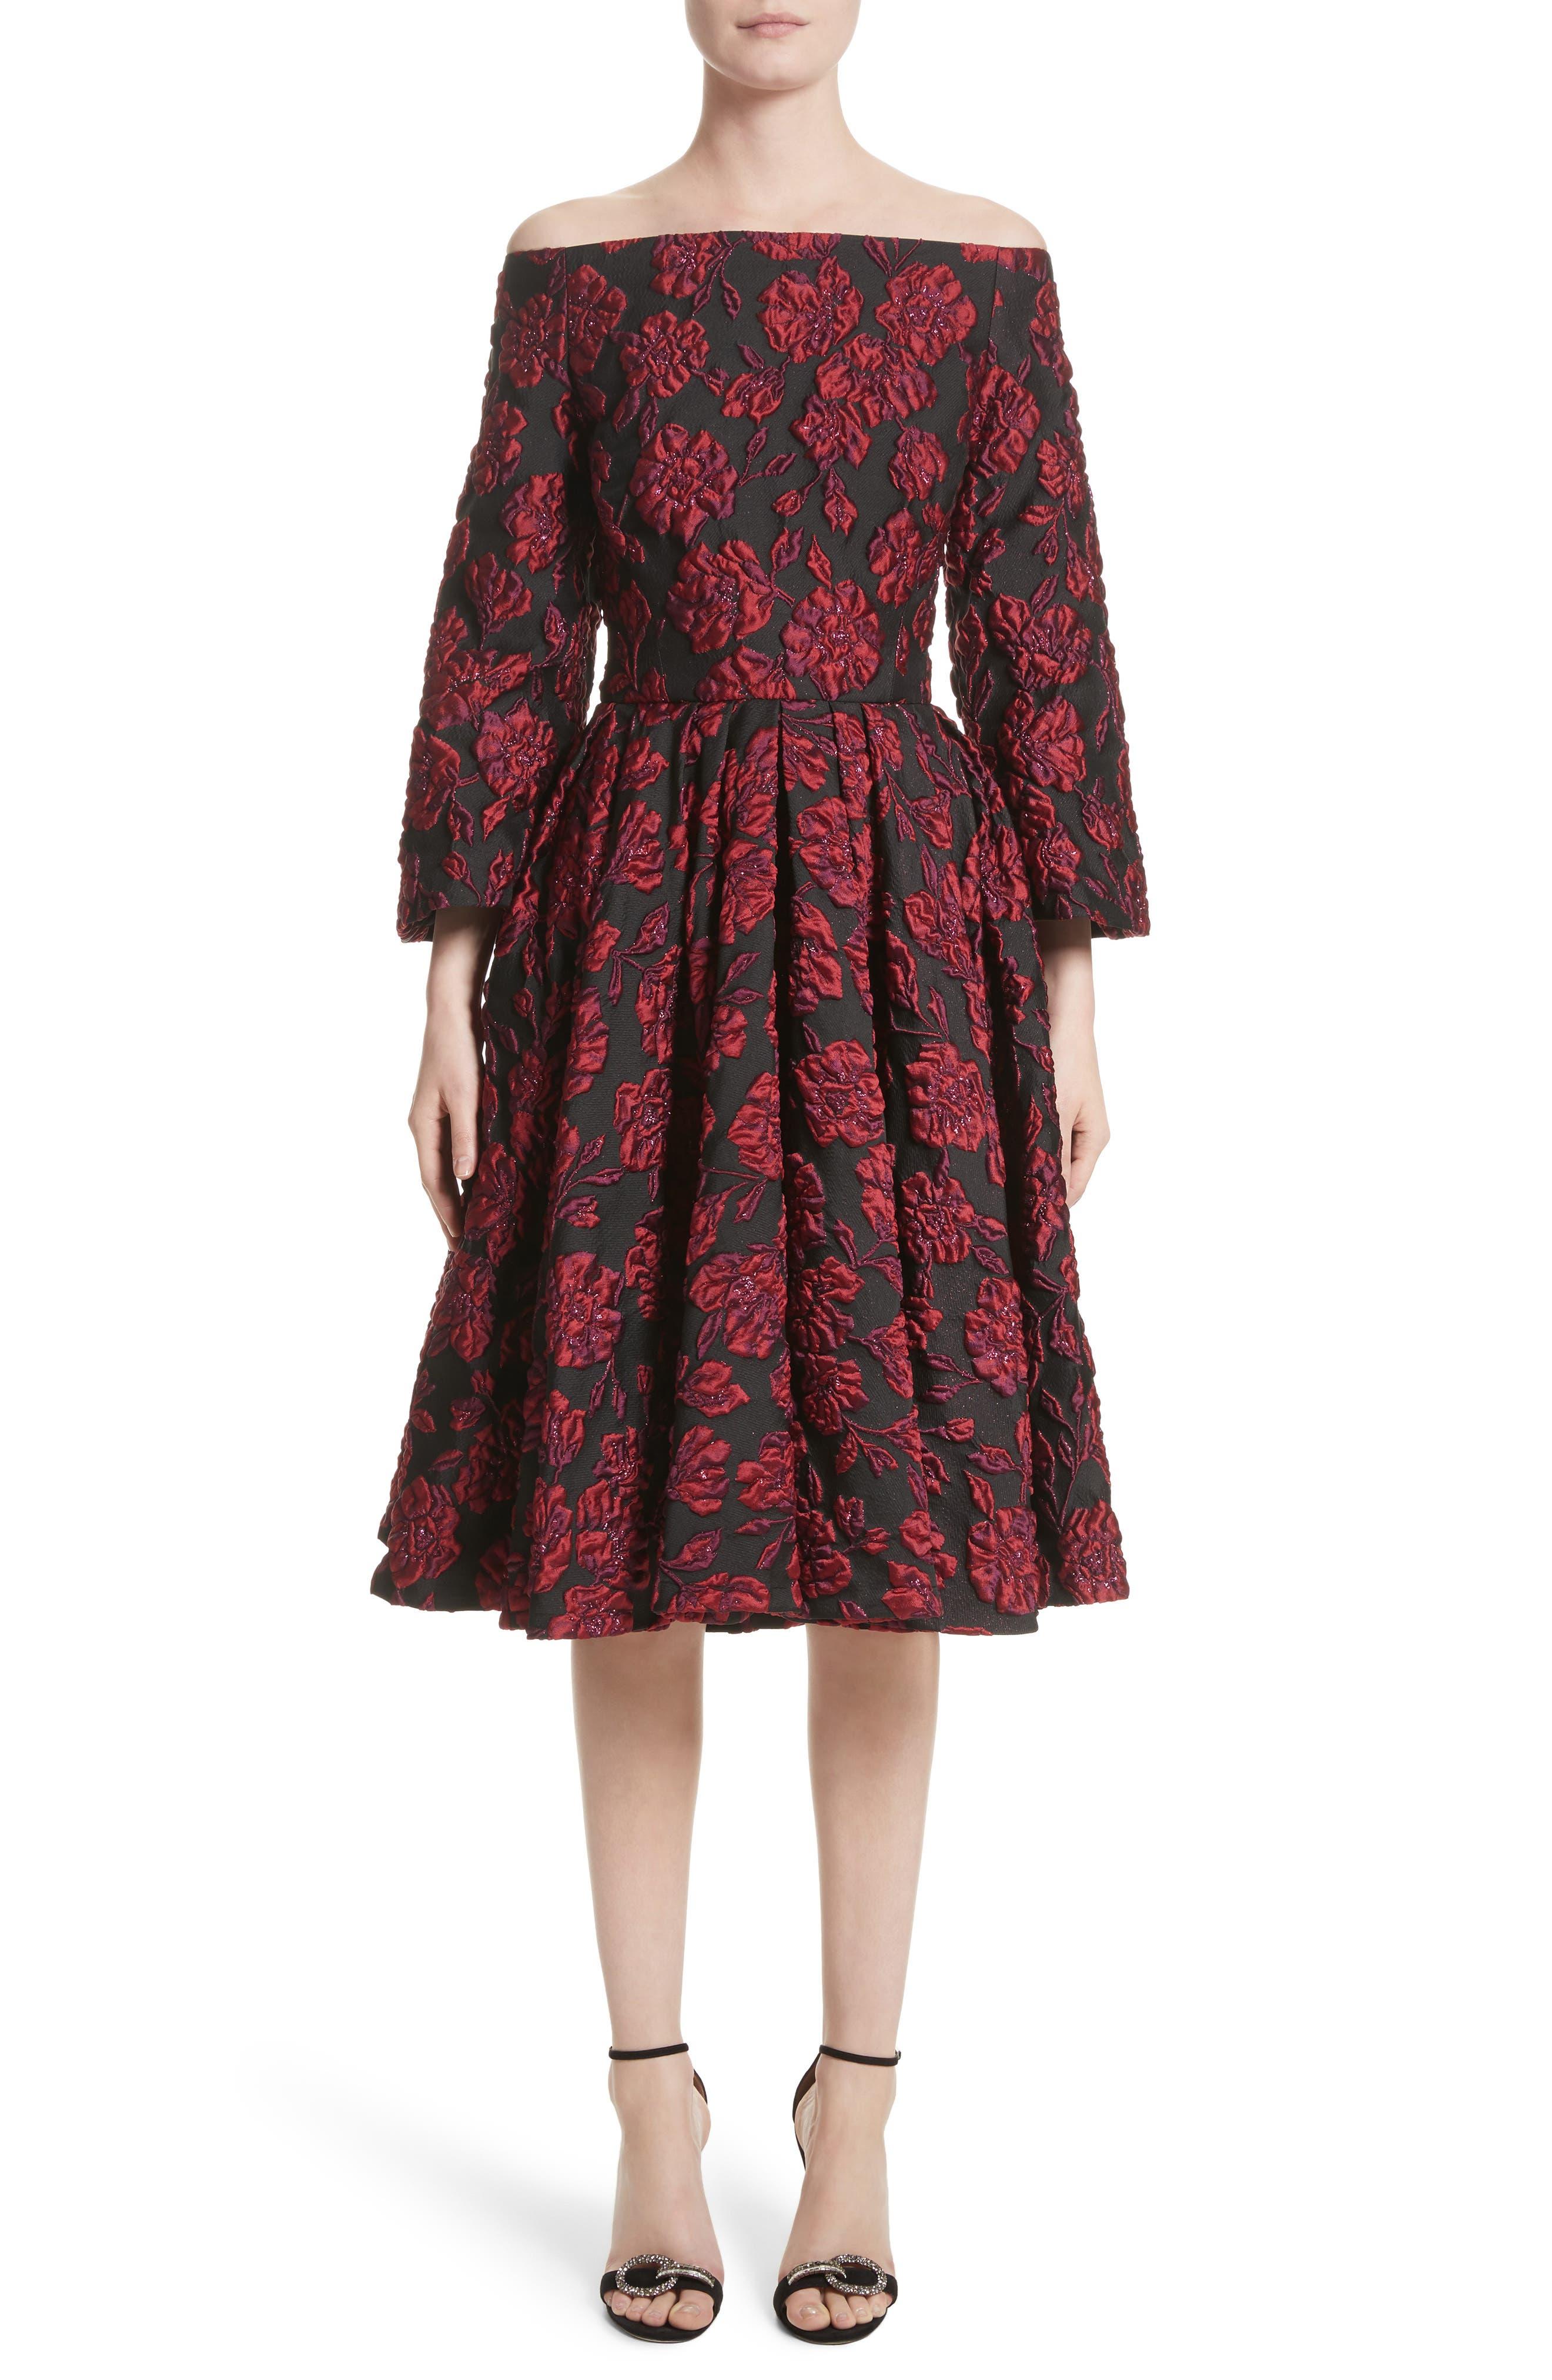 Badgley Mischka Couture. Print Brocade Off the Shoulder Dress (Nordstrom Exclusive)